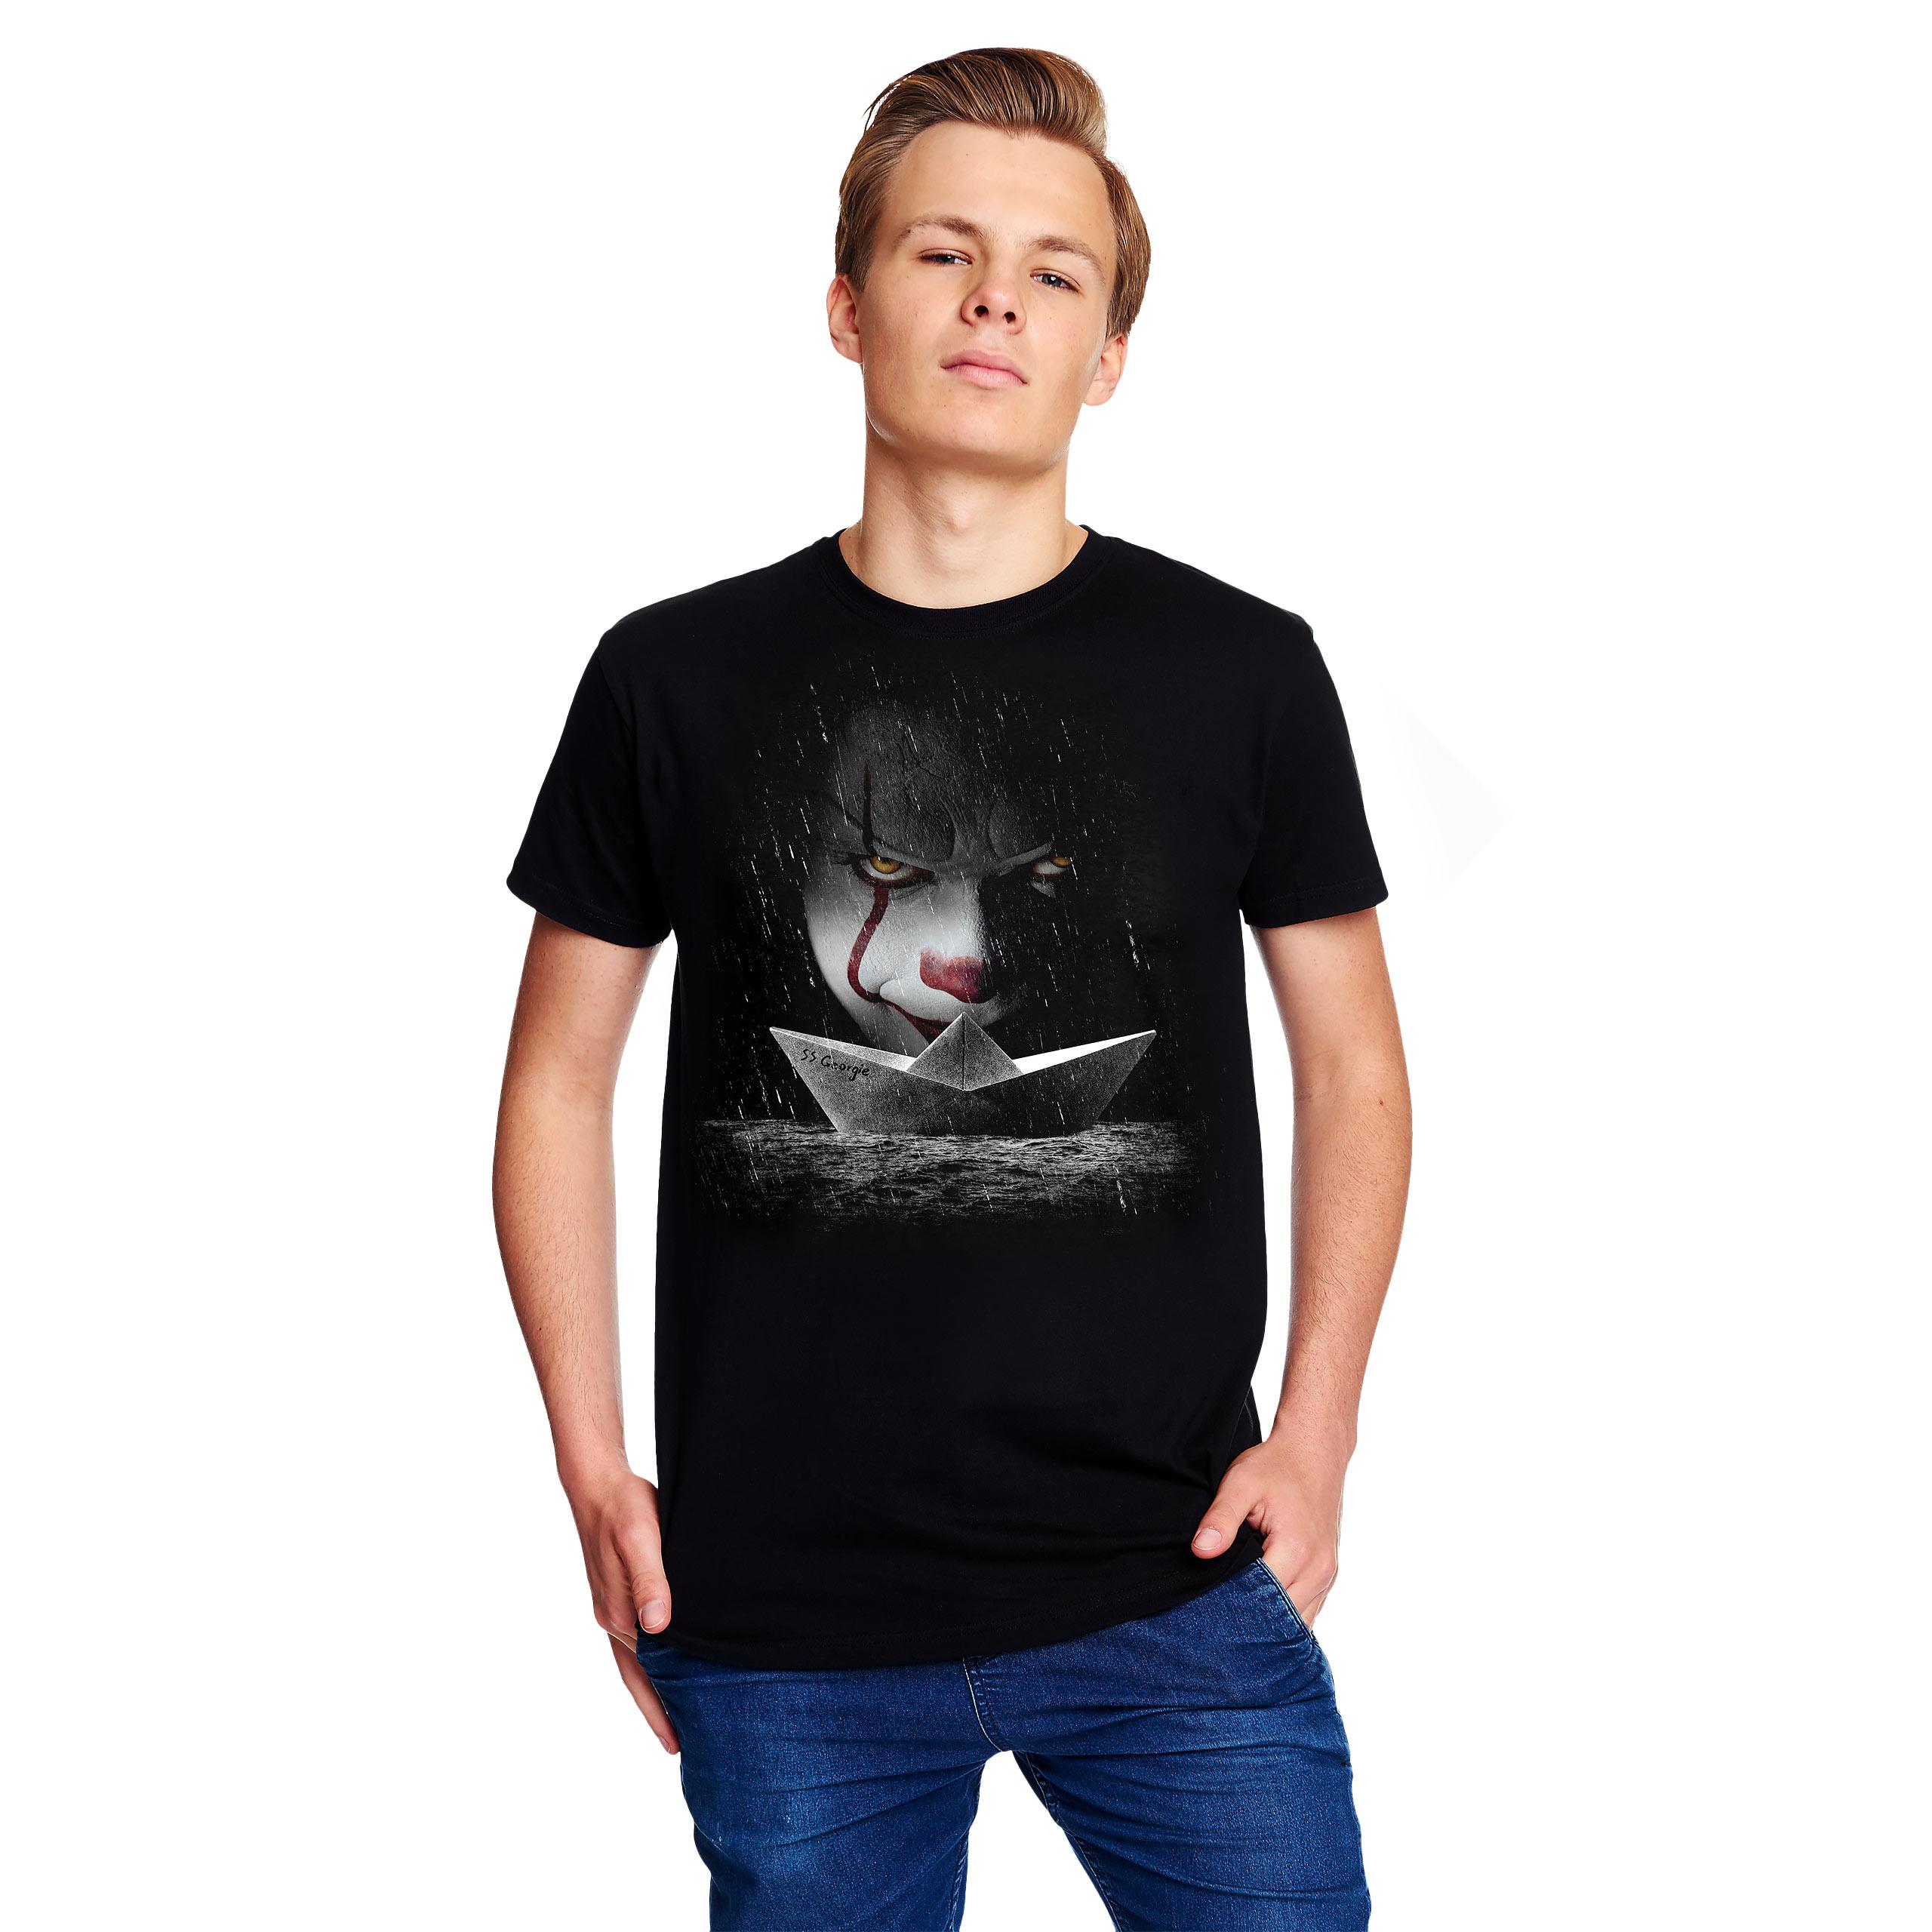 Stephen Kings ES - Pennywise Papierboot T-Shirt schwarz